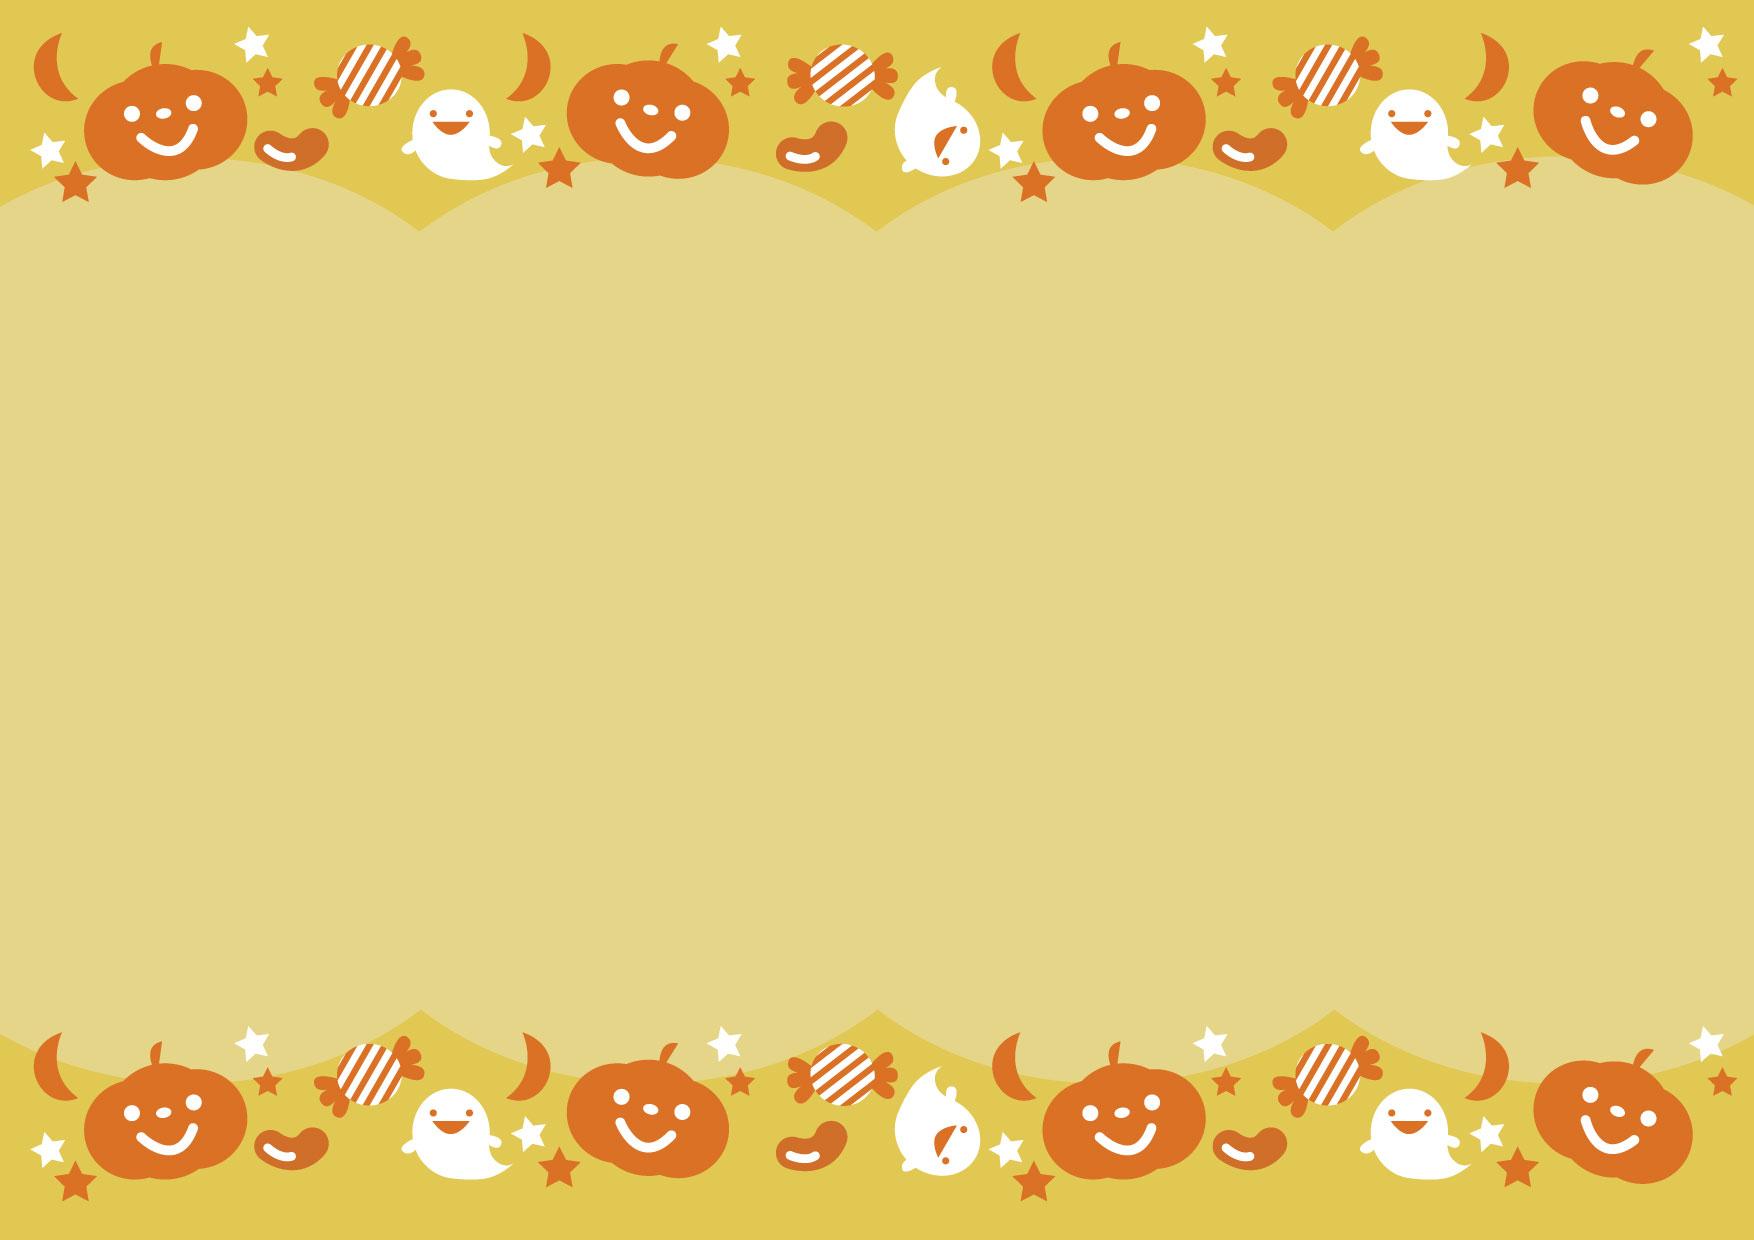 可愛いイラスト無料|ハロウィン 背景 オレンジ − free illustration Halloween background orange